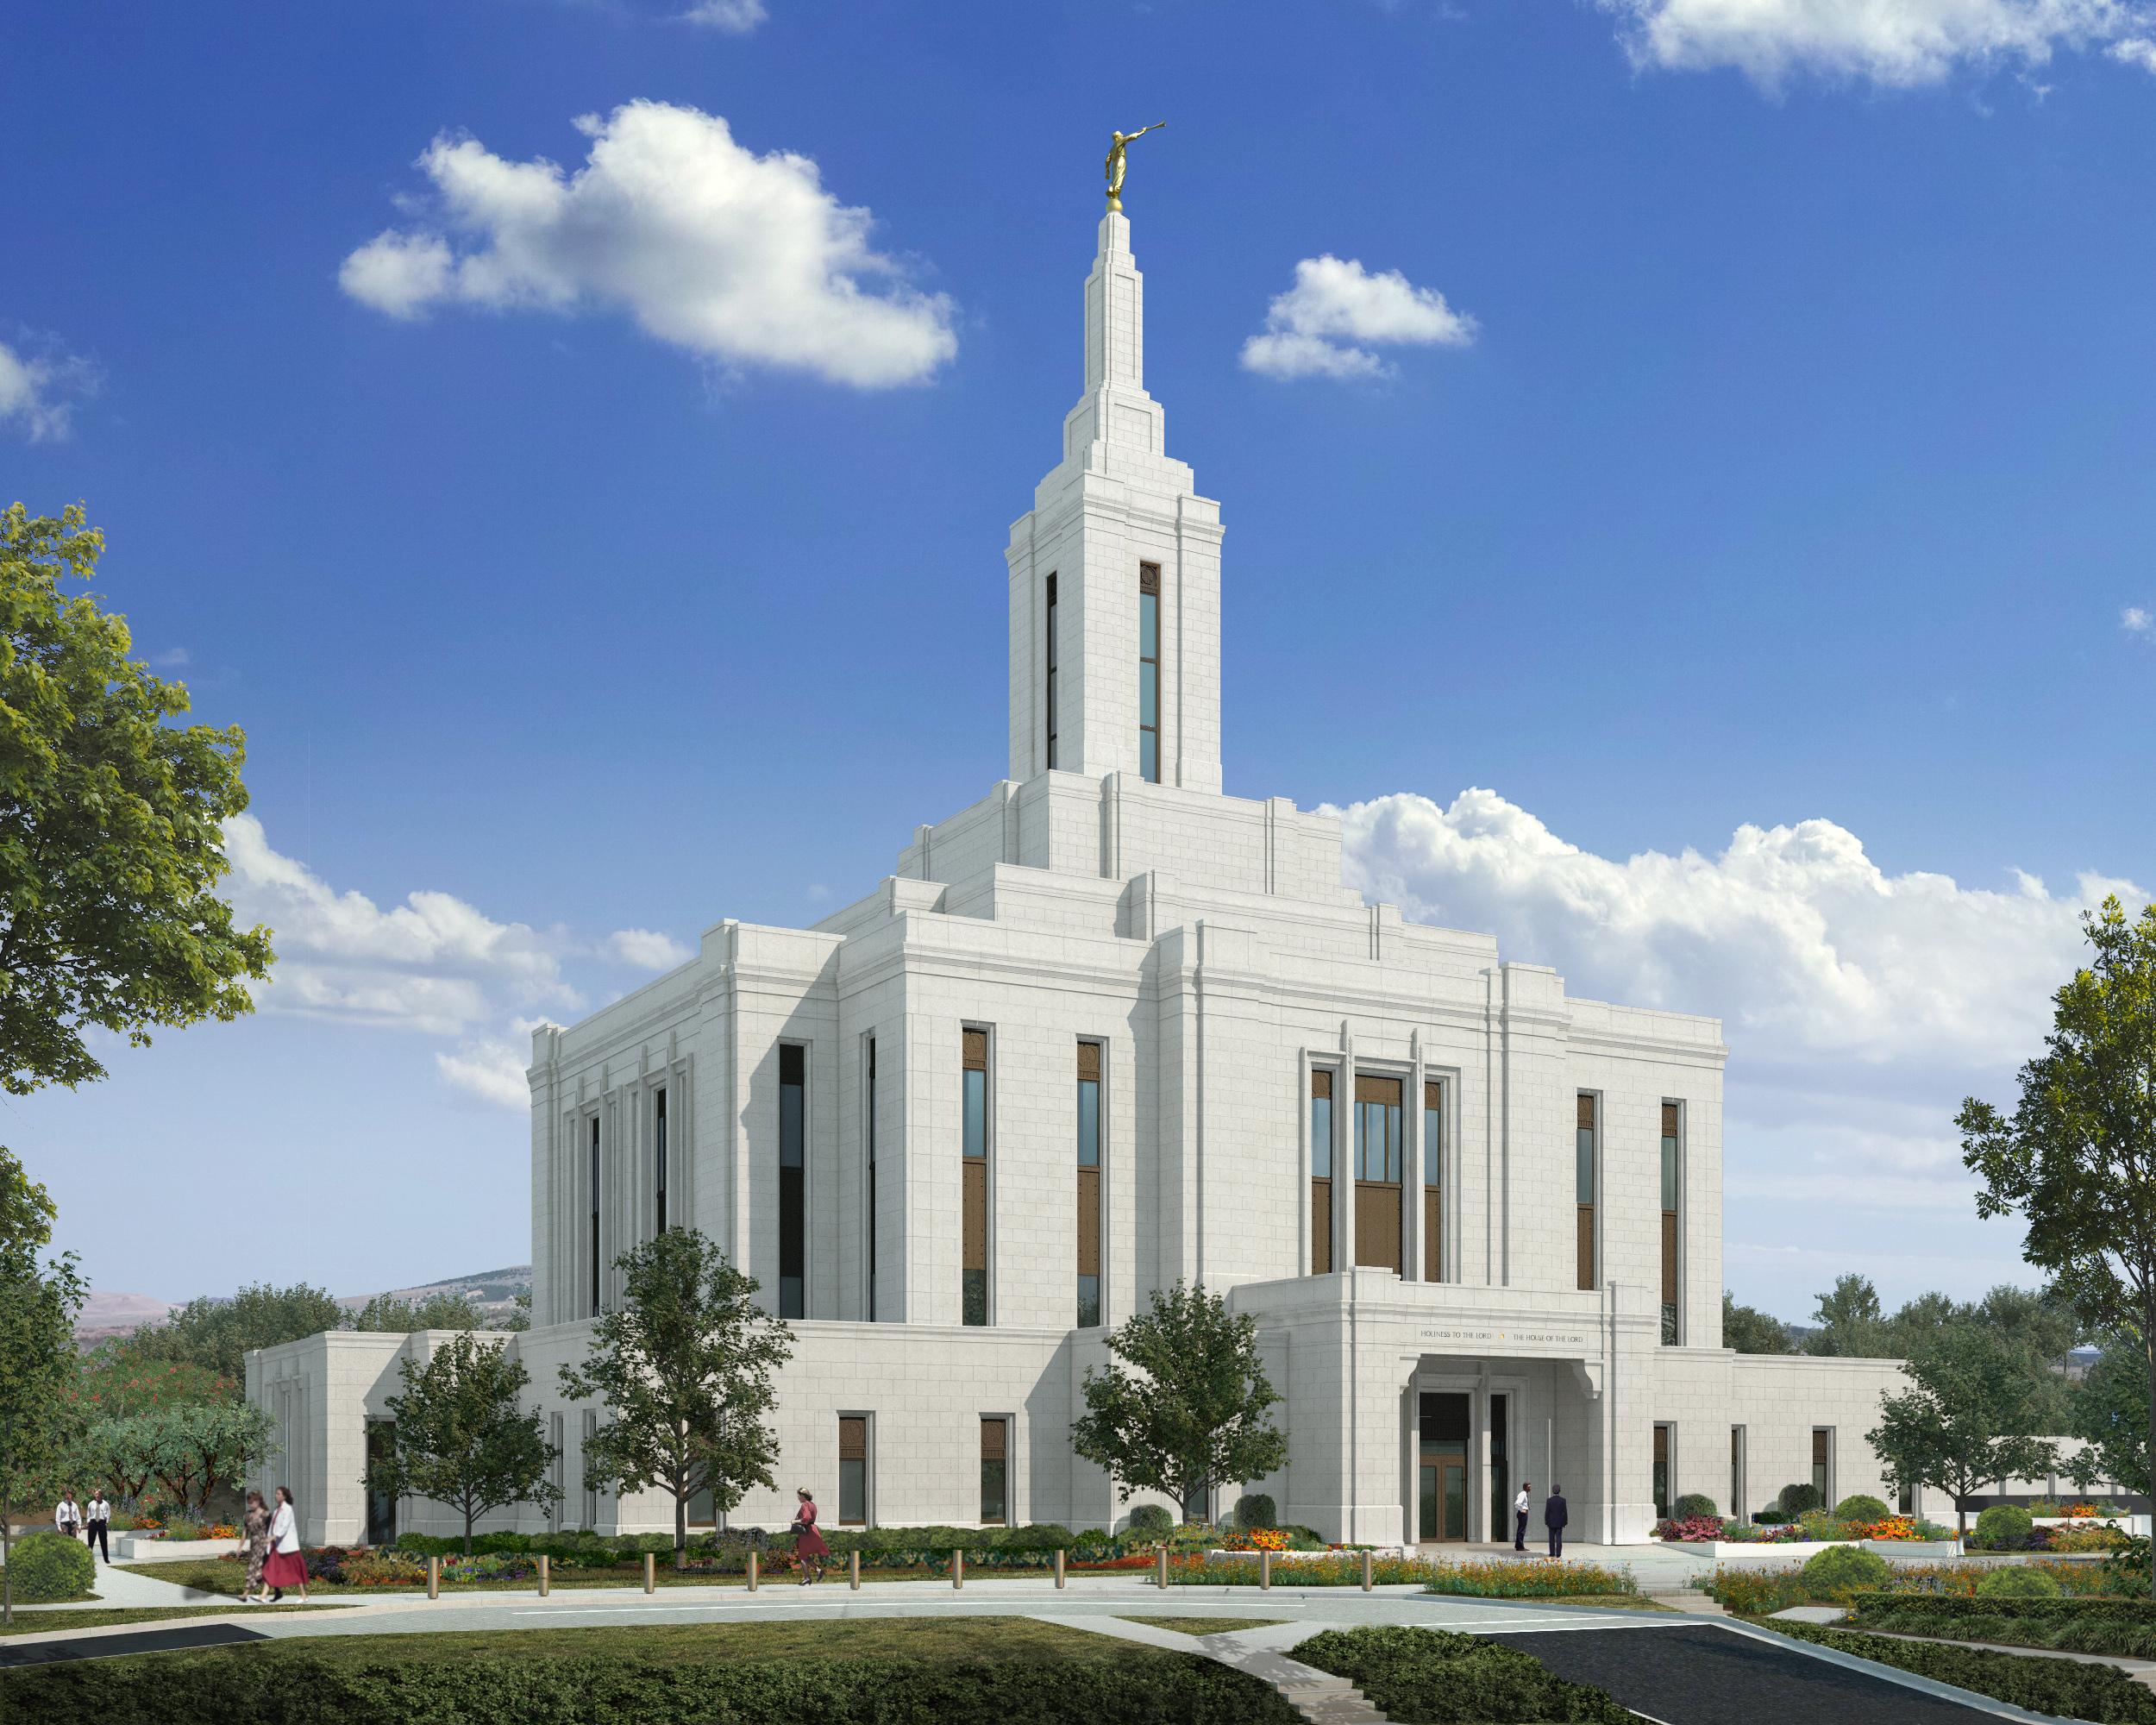 Rendering of the Pocatello Idaho Temple